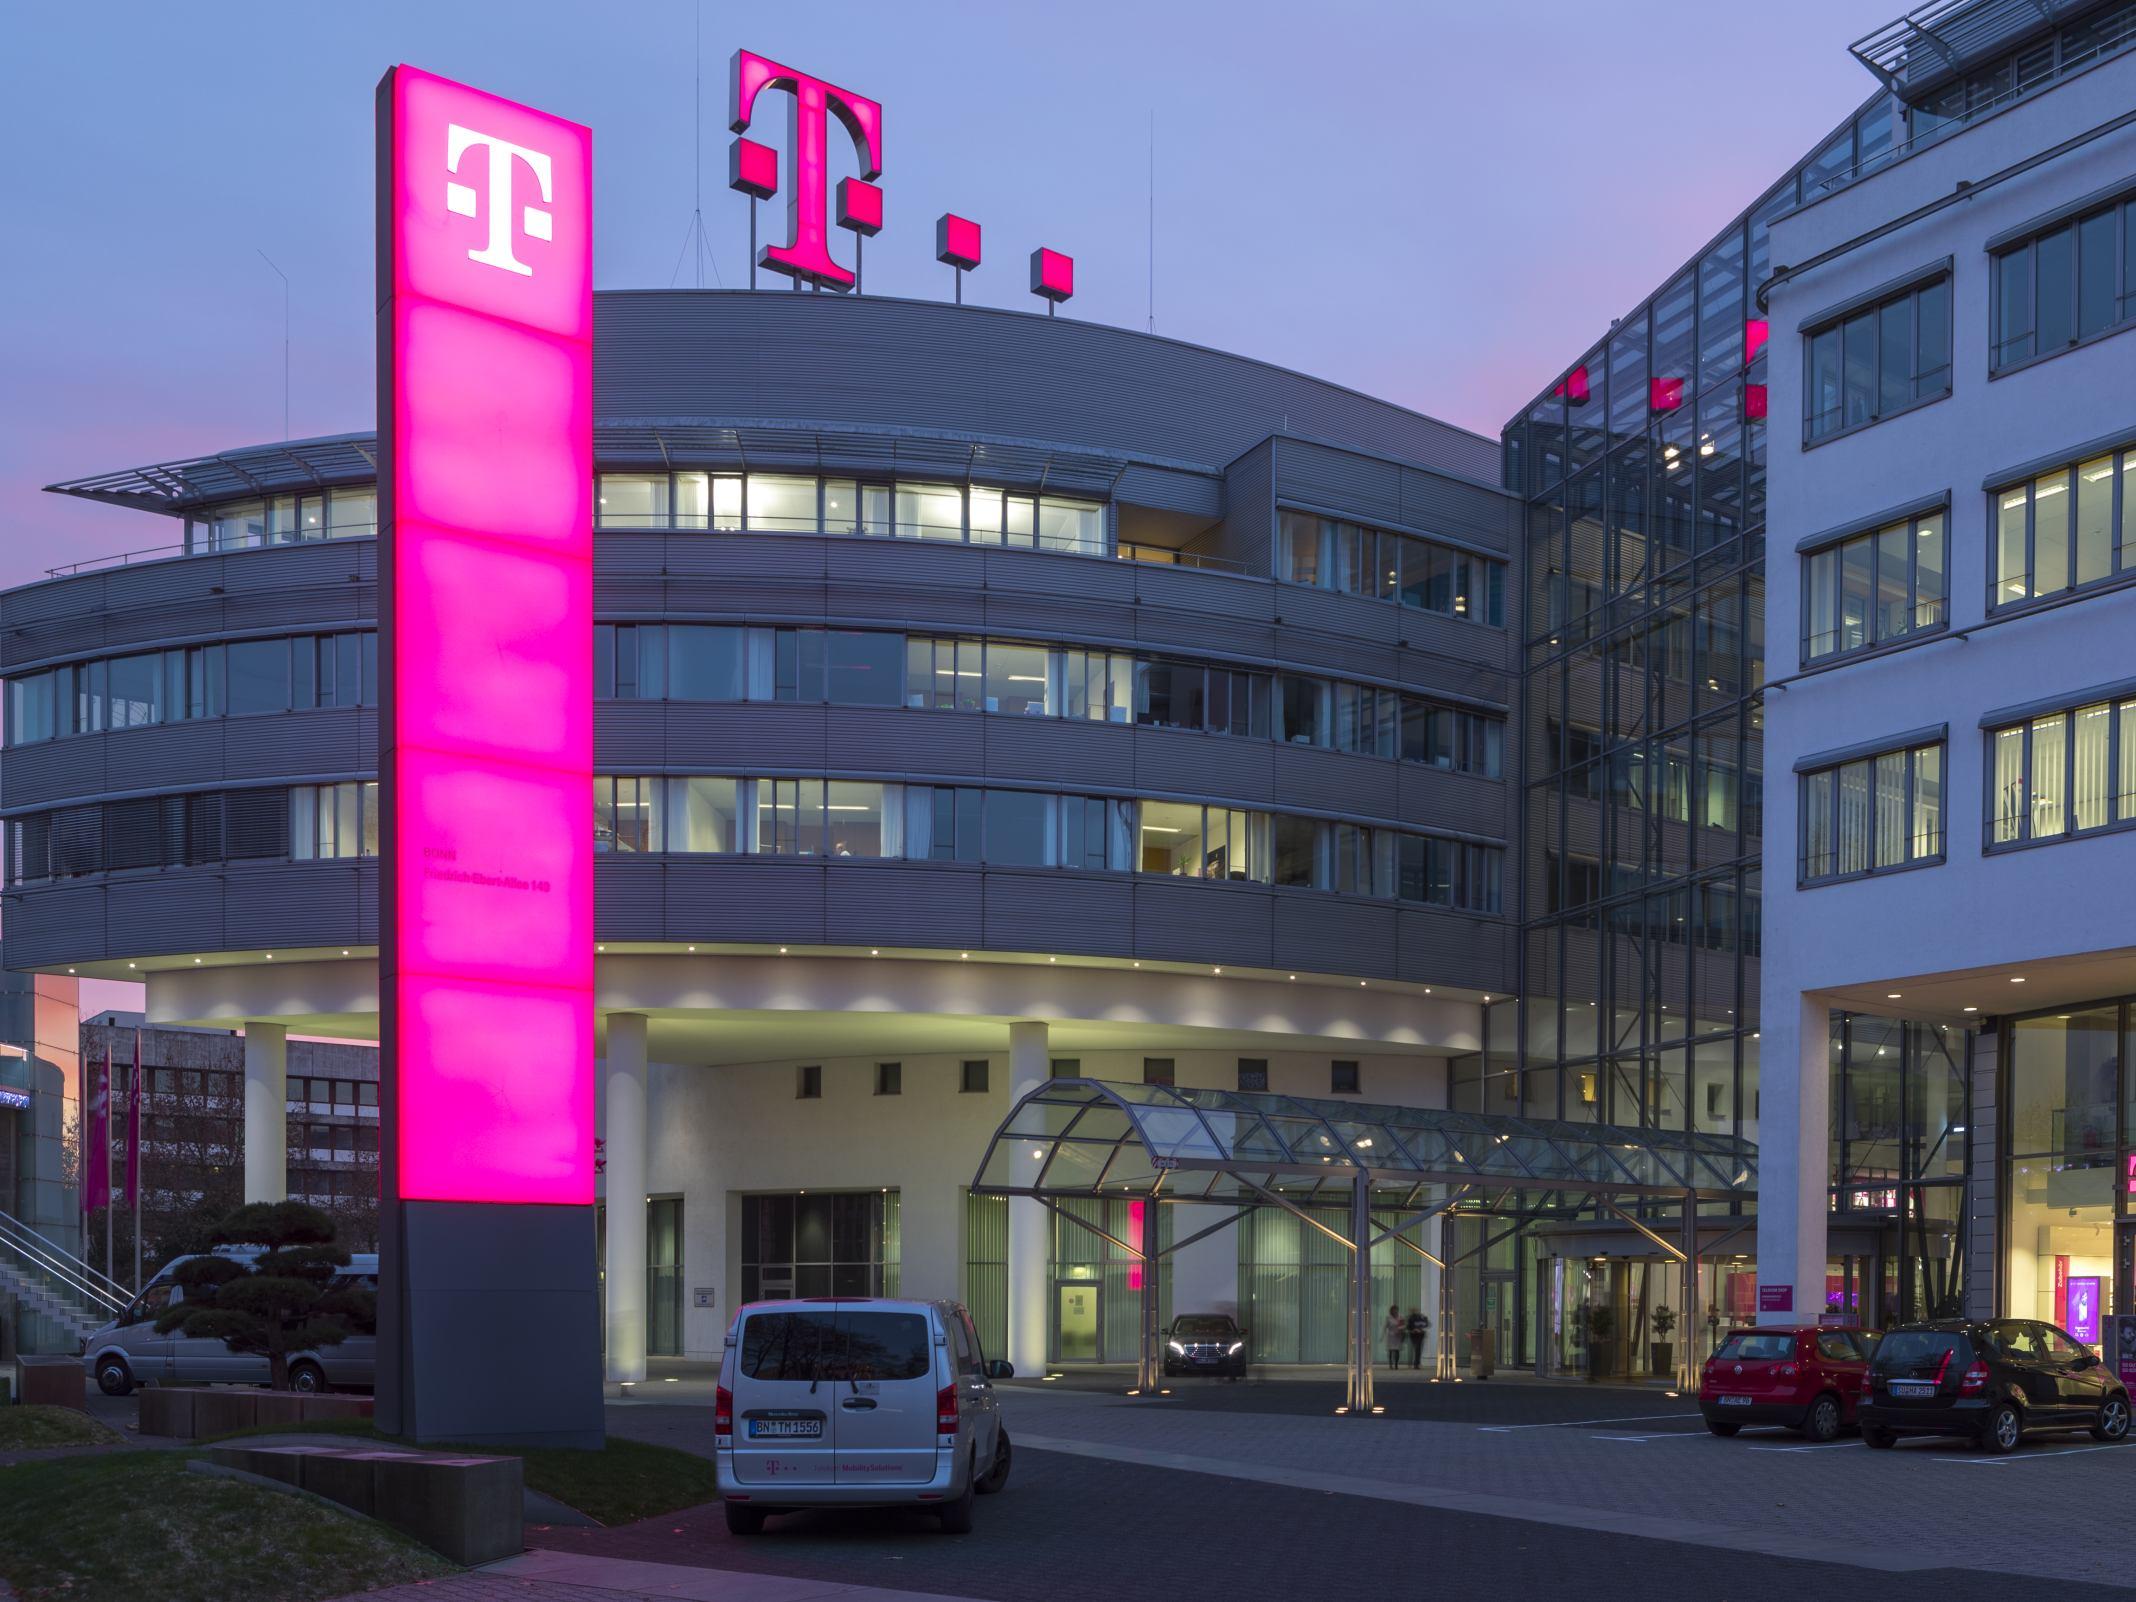 Die Zentrale der Telekom bei Nacht